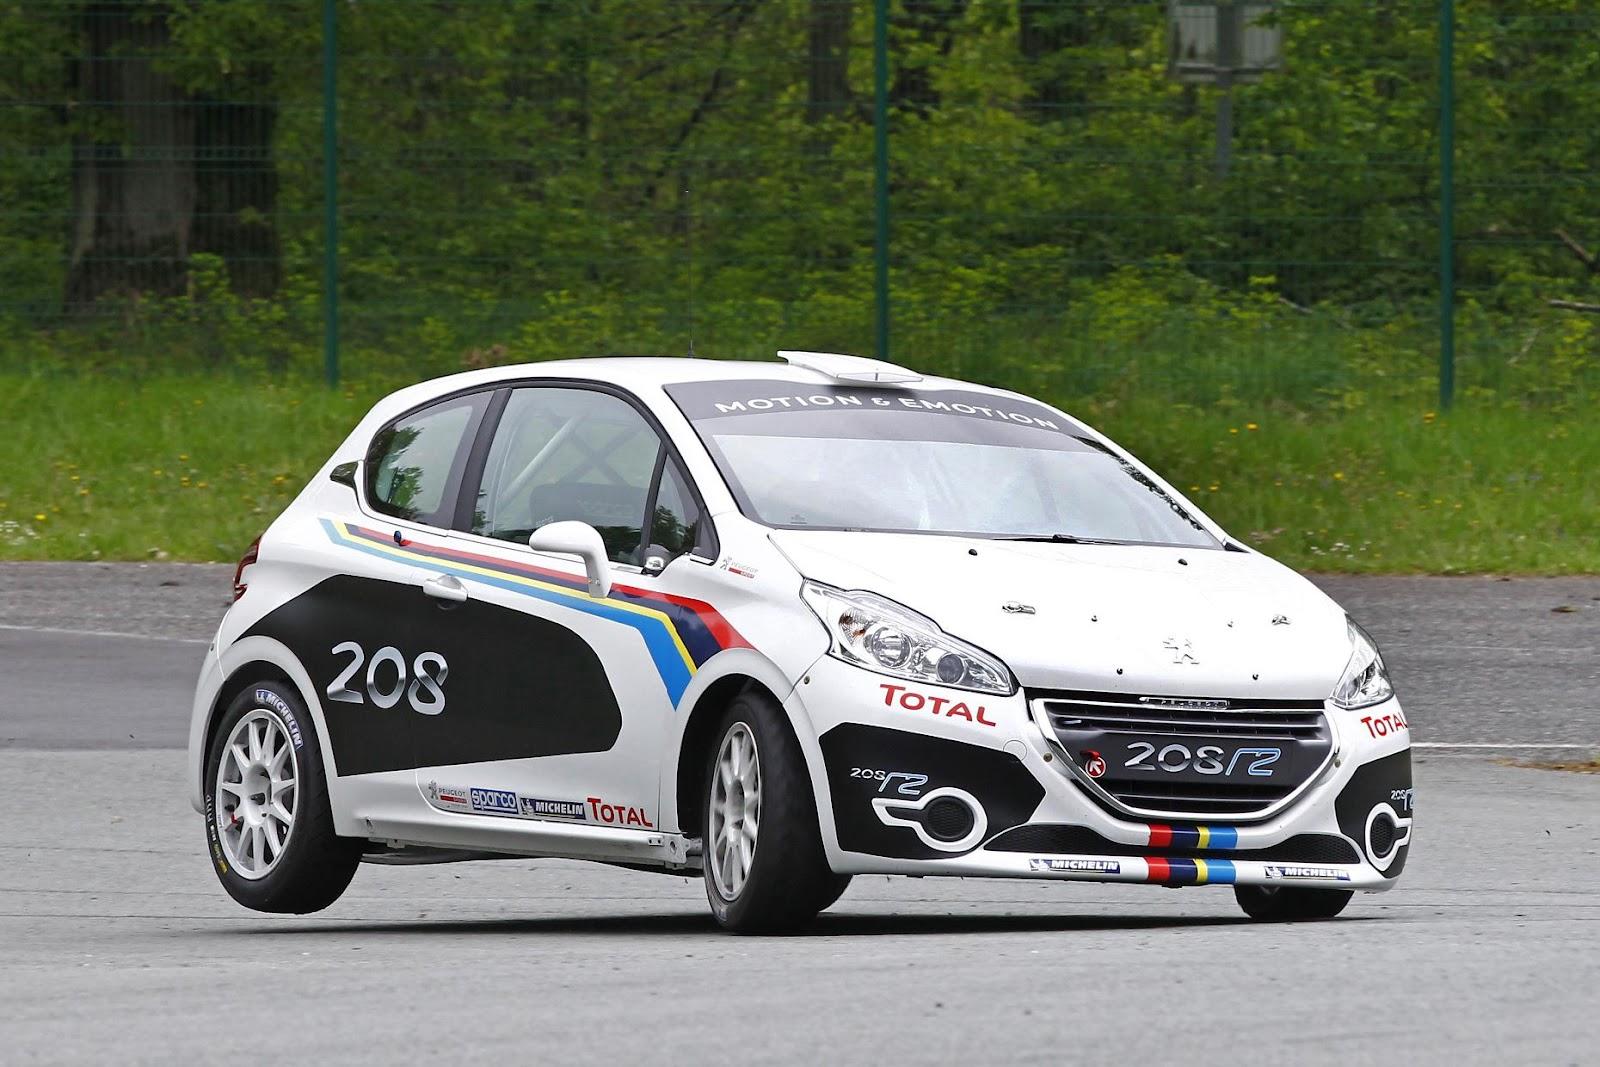 New Peugeot 208 R2